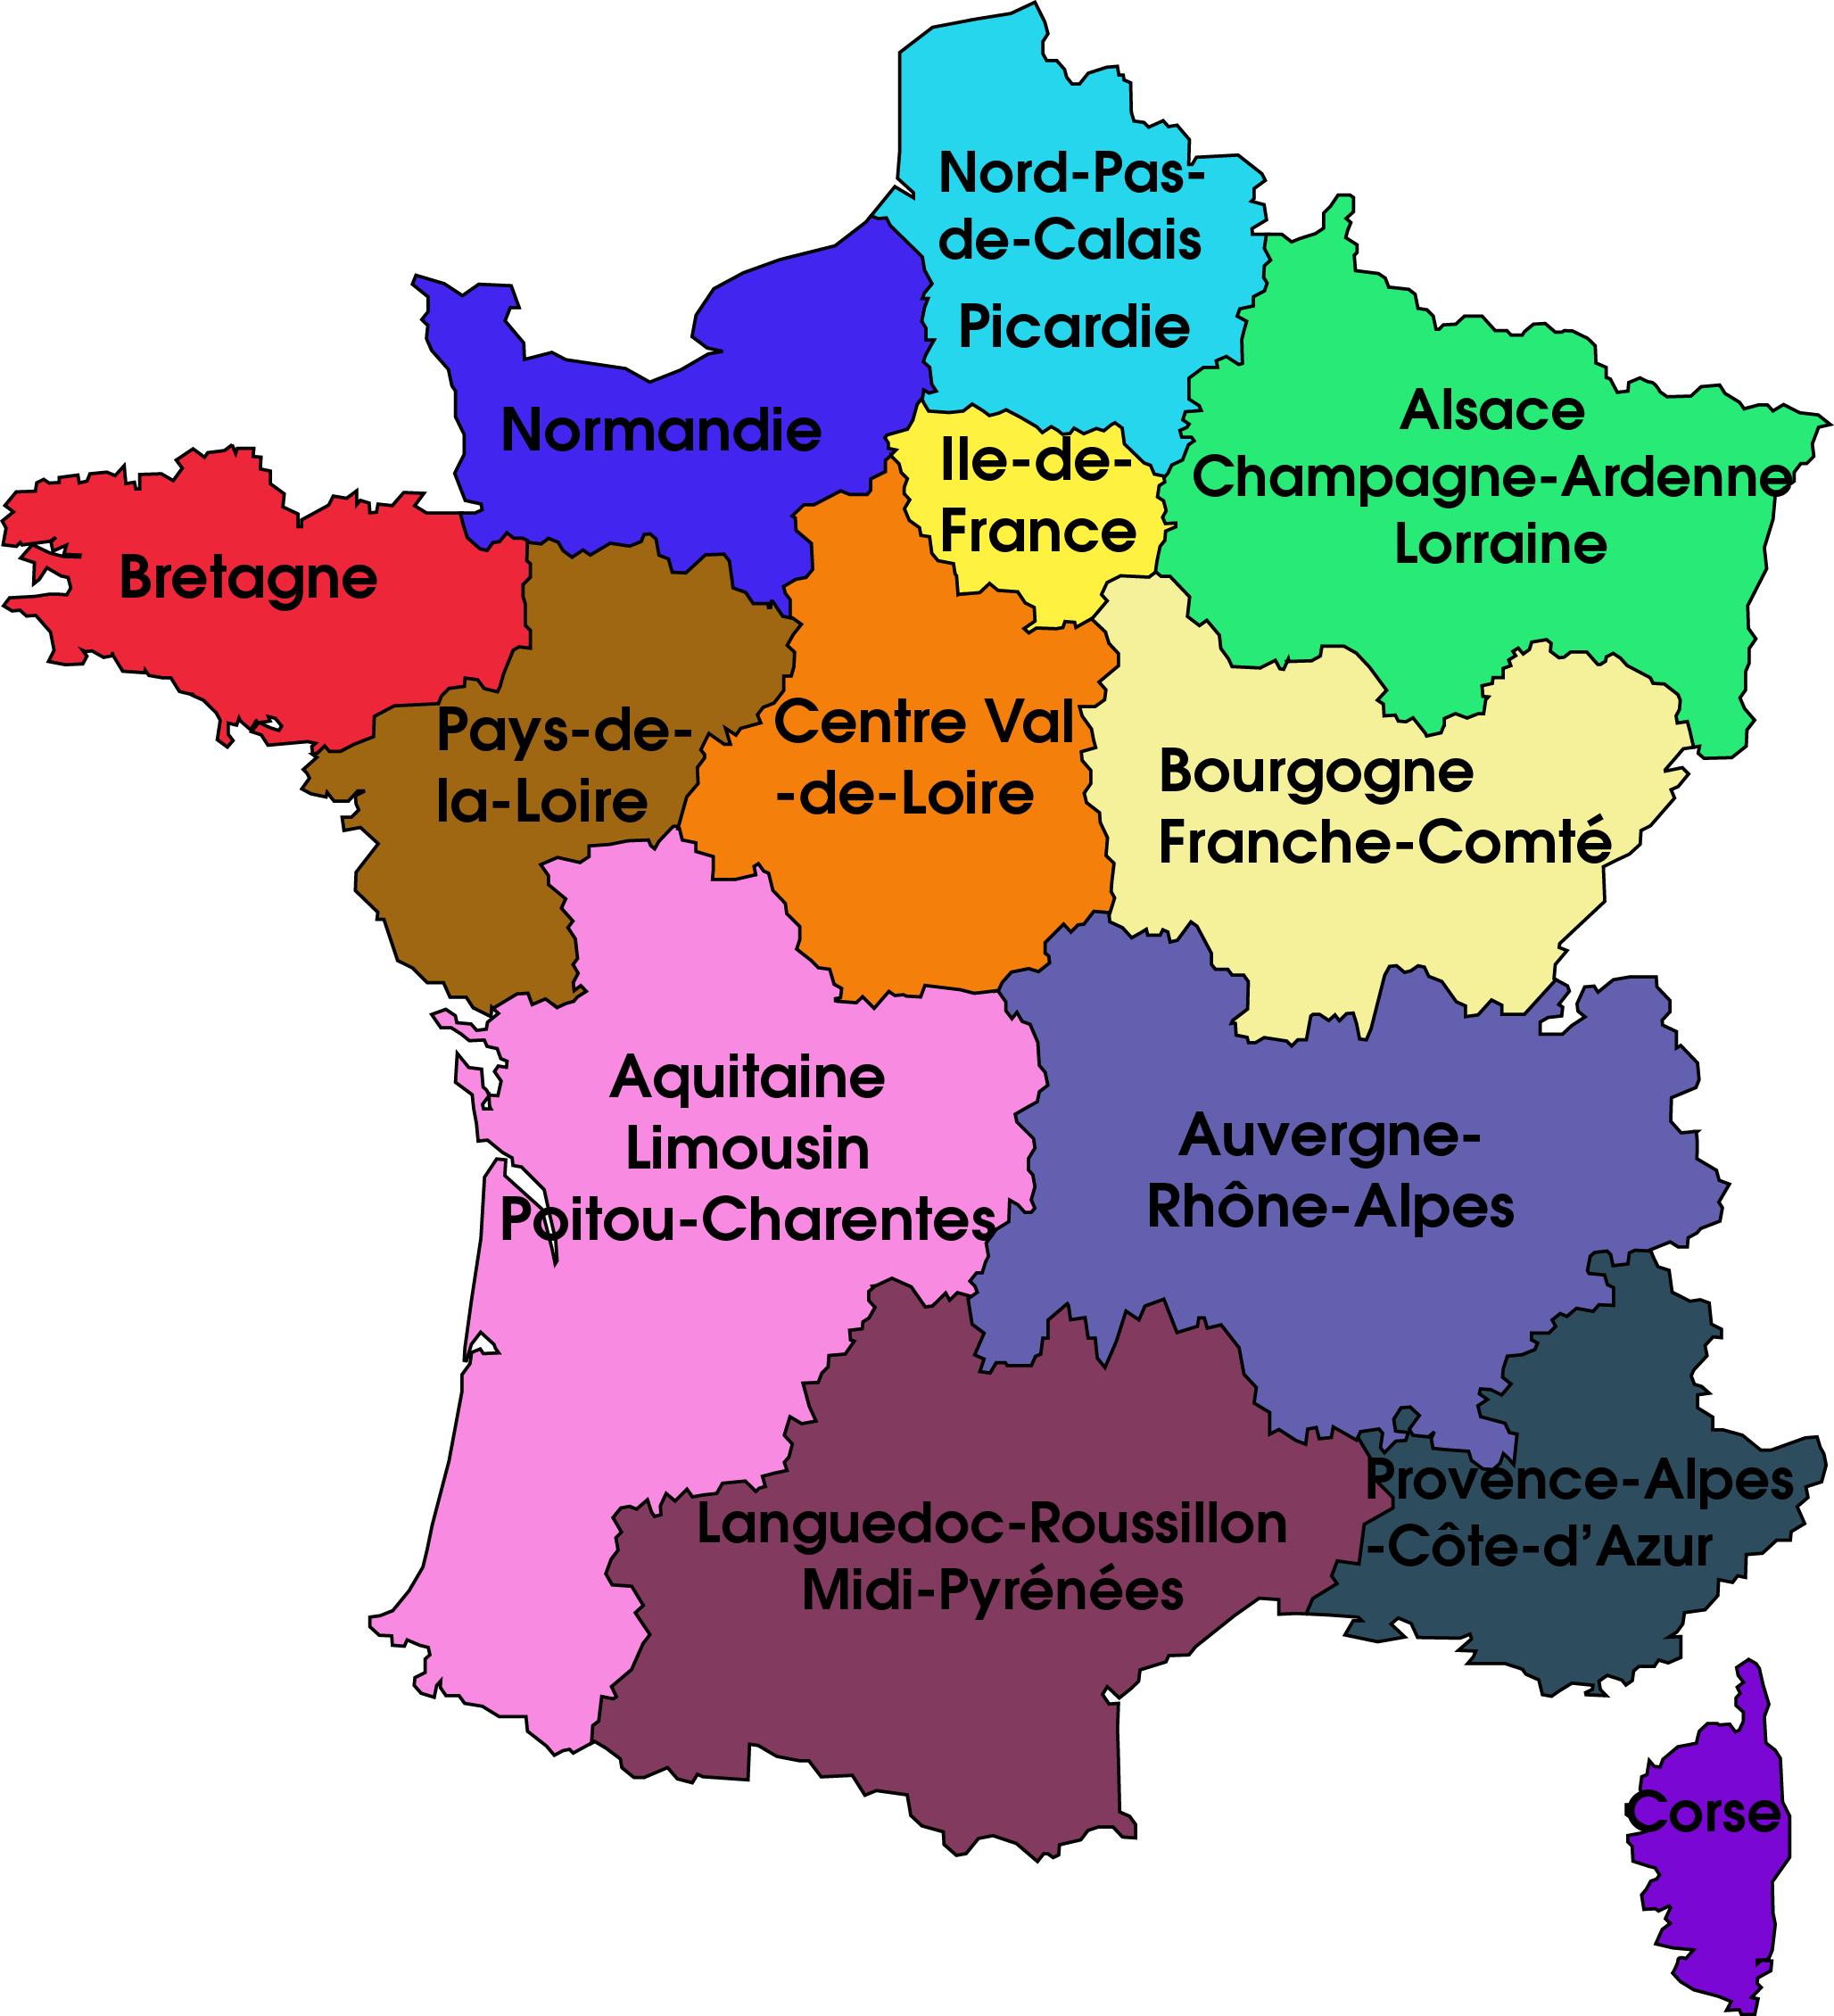 Point Sur Les Nouvelles Régions Françaises | Learn French avec Les Nouvelles Regions